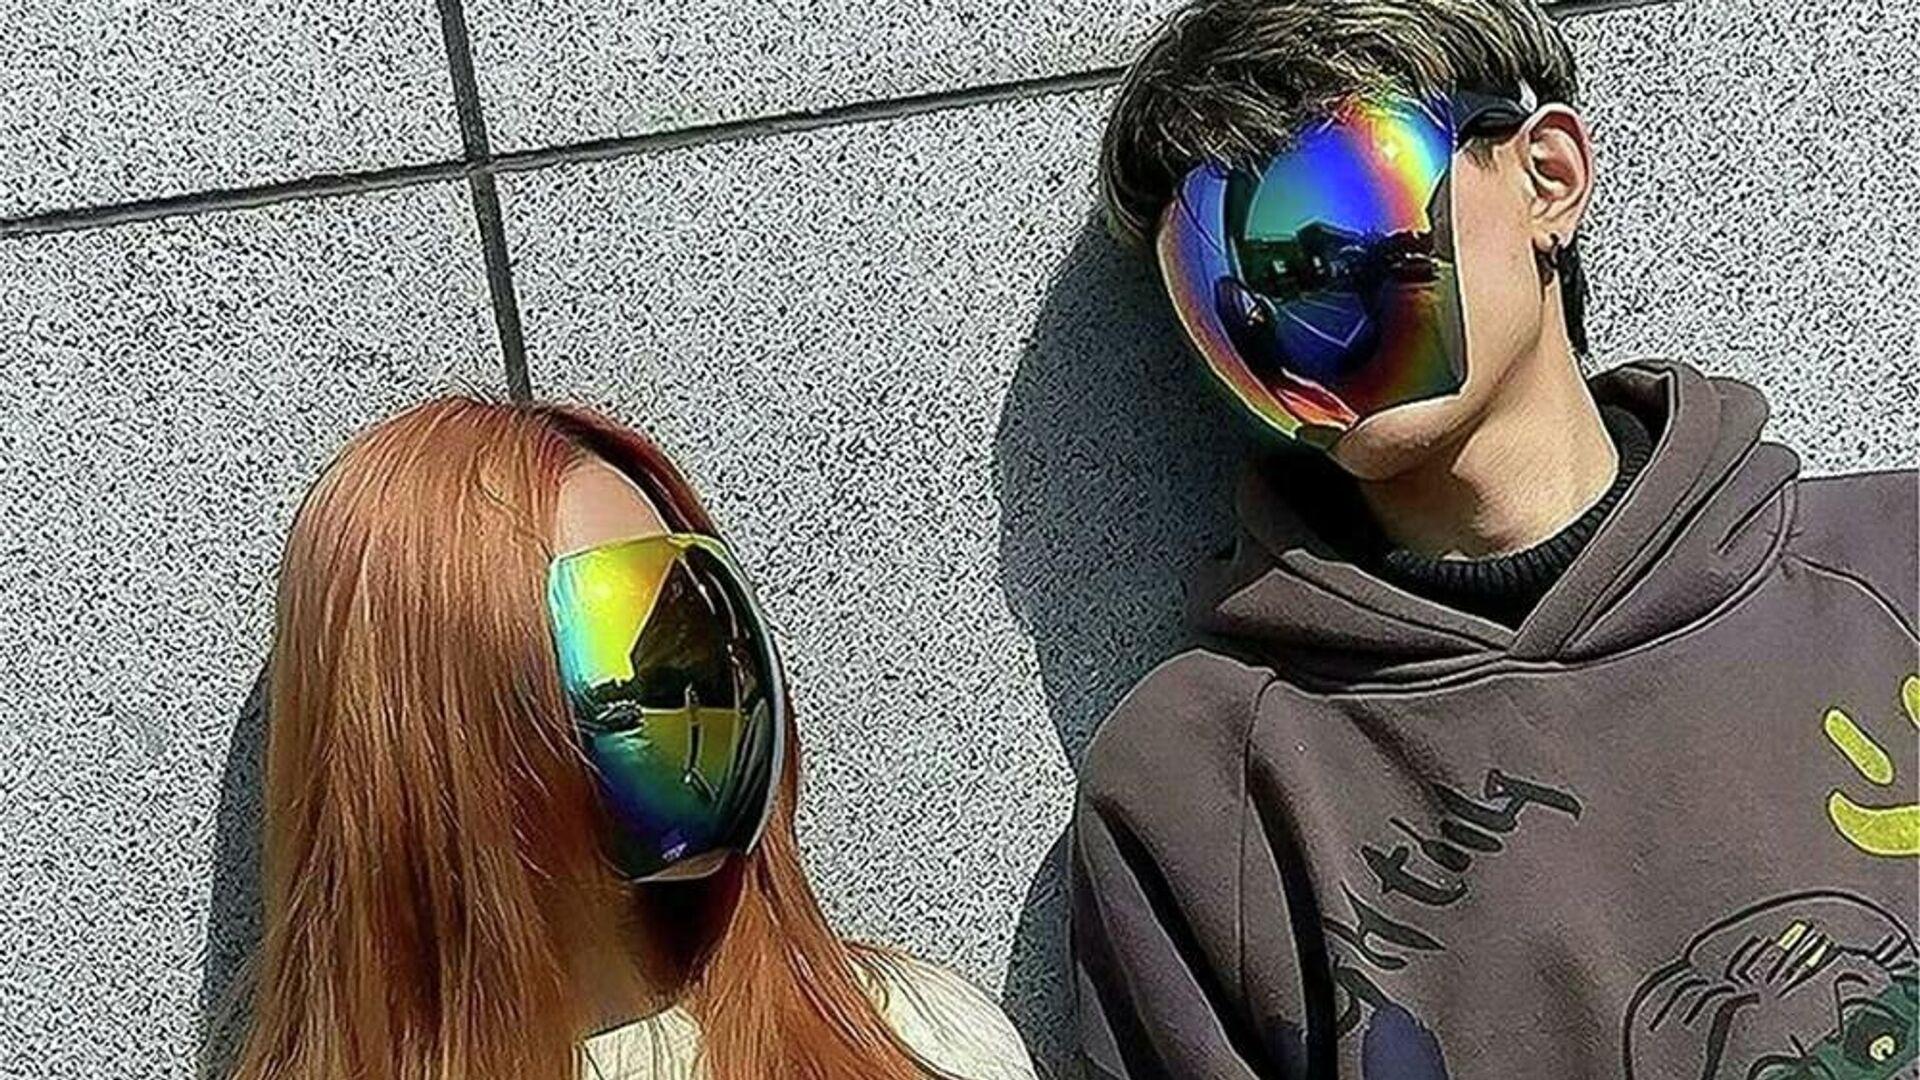 Γυαλιά ηλίου για όλο το πρόσωπο - Sputnik Ελλάδα, 1920, 07.10.2021